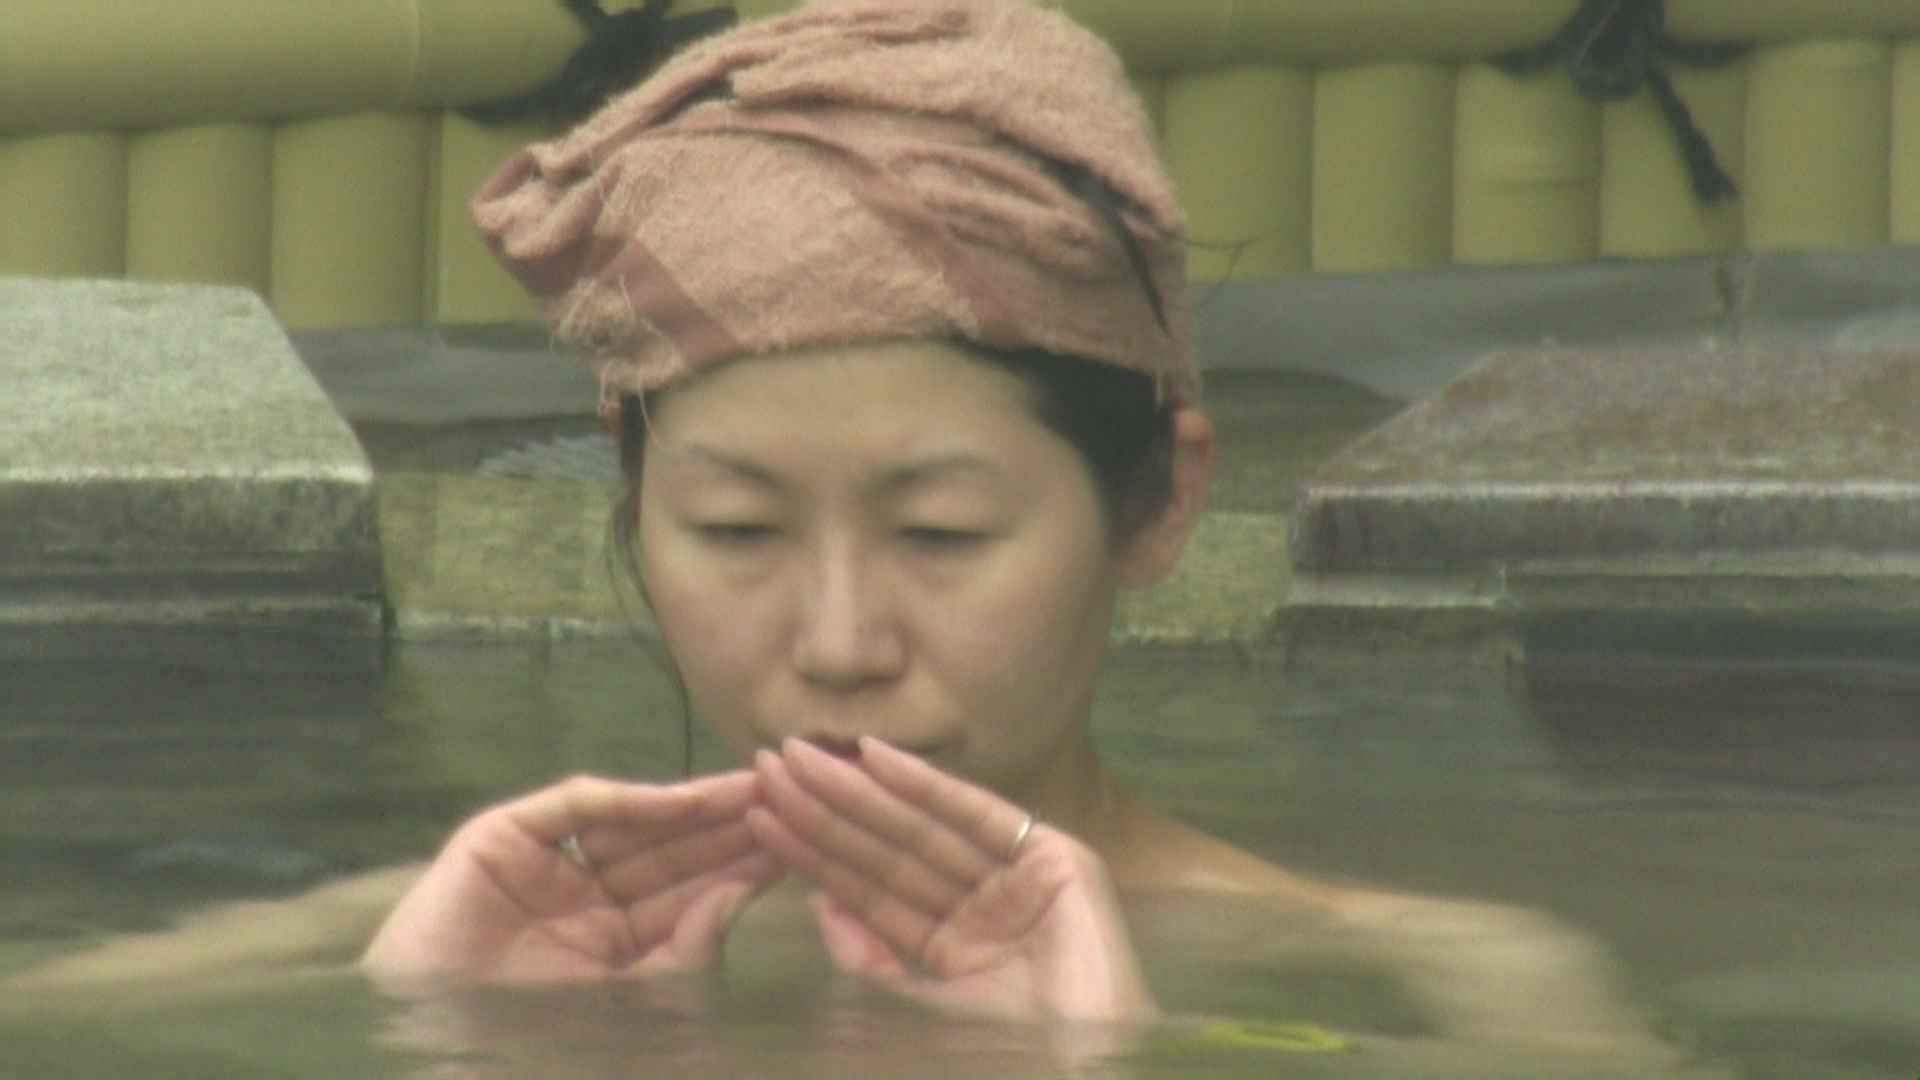 高画質露天女風呂観察 vol.023 OLエロ画像 覗きワレメ動画紹介 50PICs 2